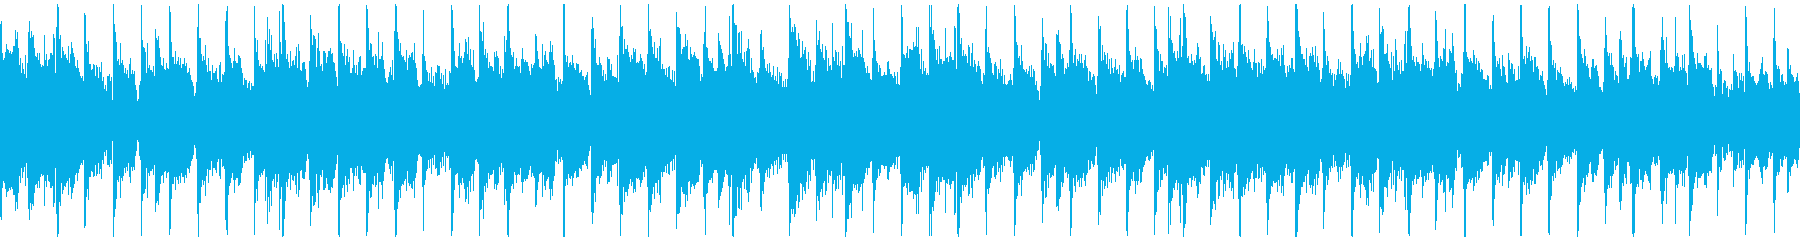 【掛声なし・ループBメロ】和楽器EDMの再生済みの波形